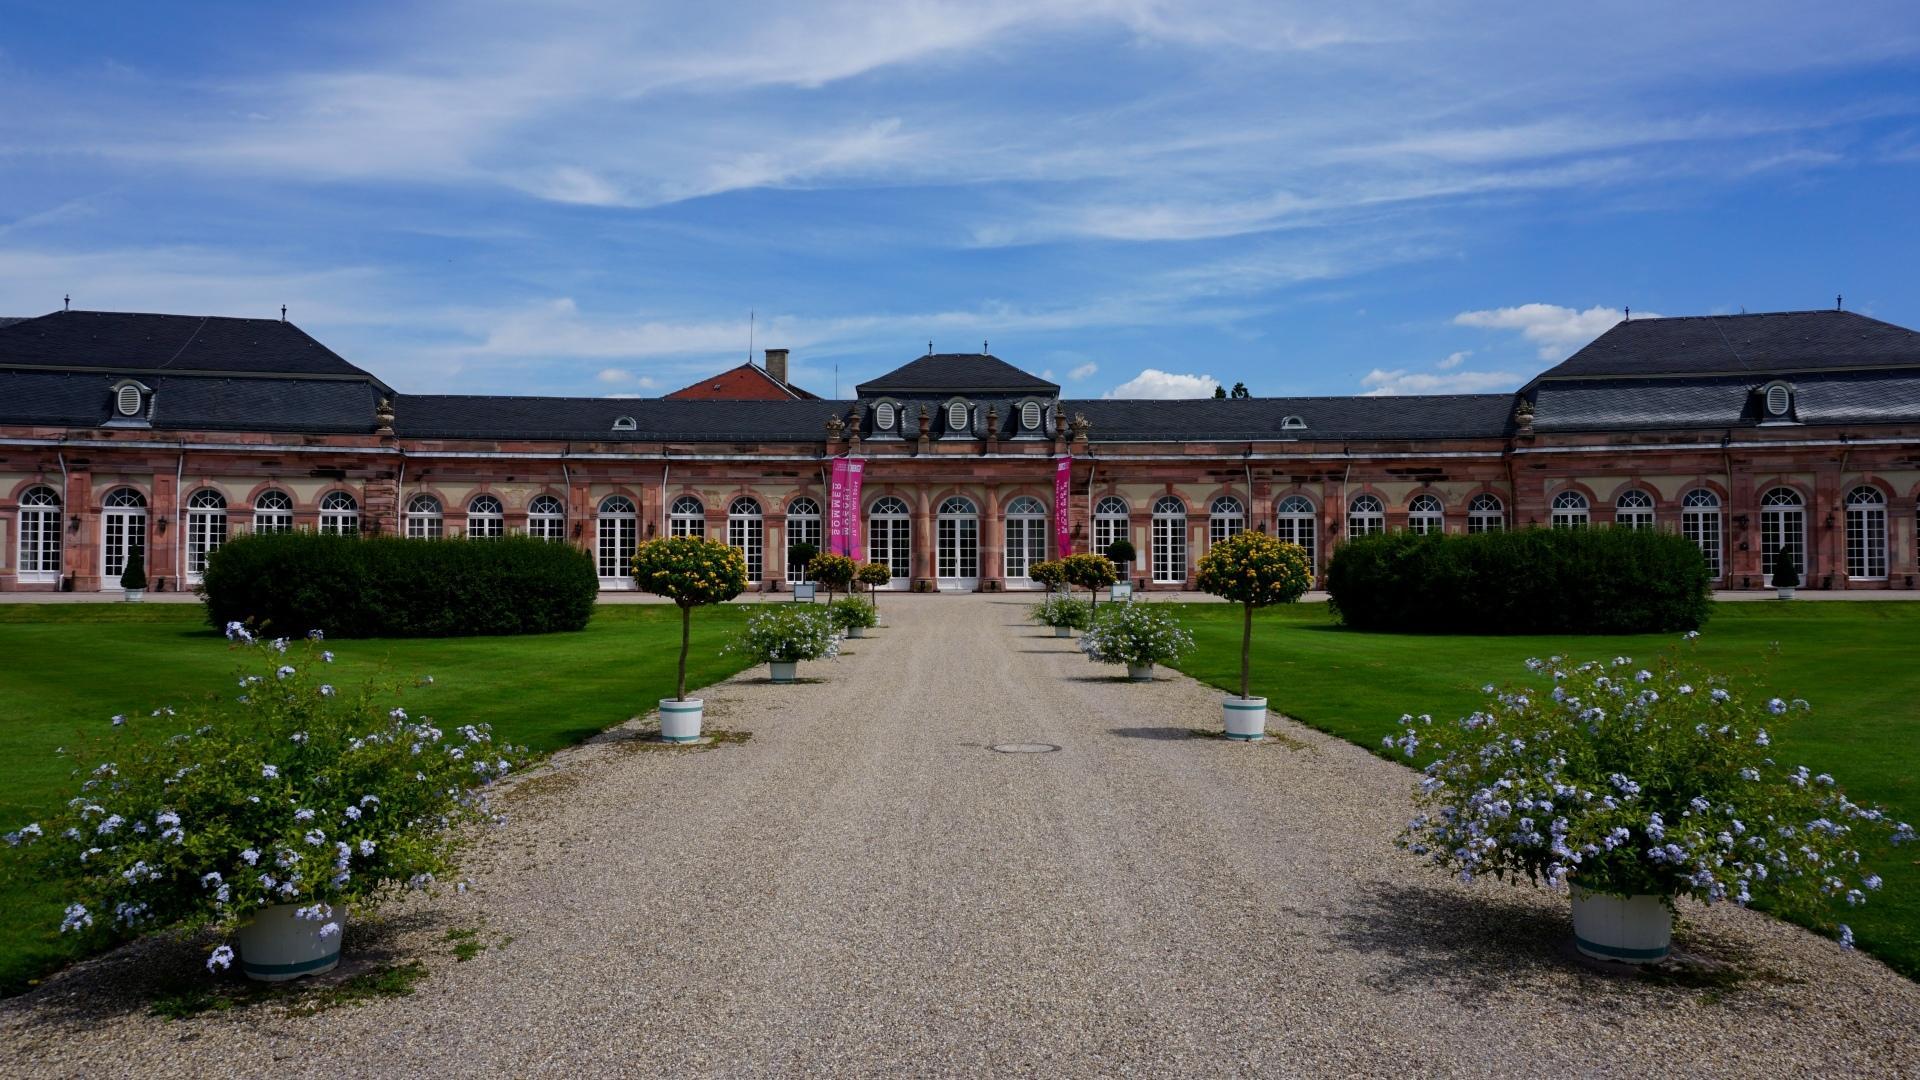 Schwetzingen Palace wallpapers HD quality